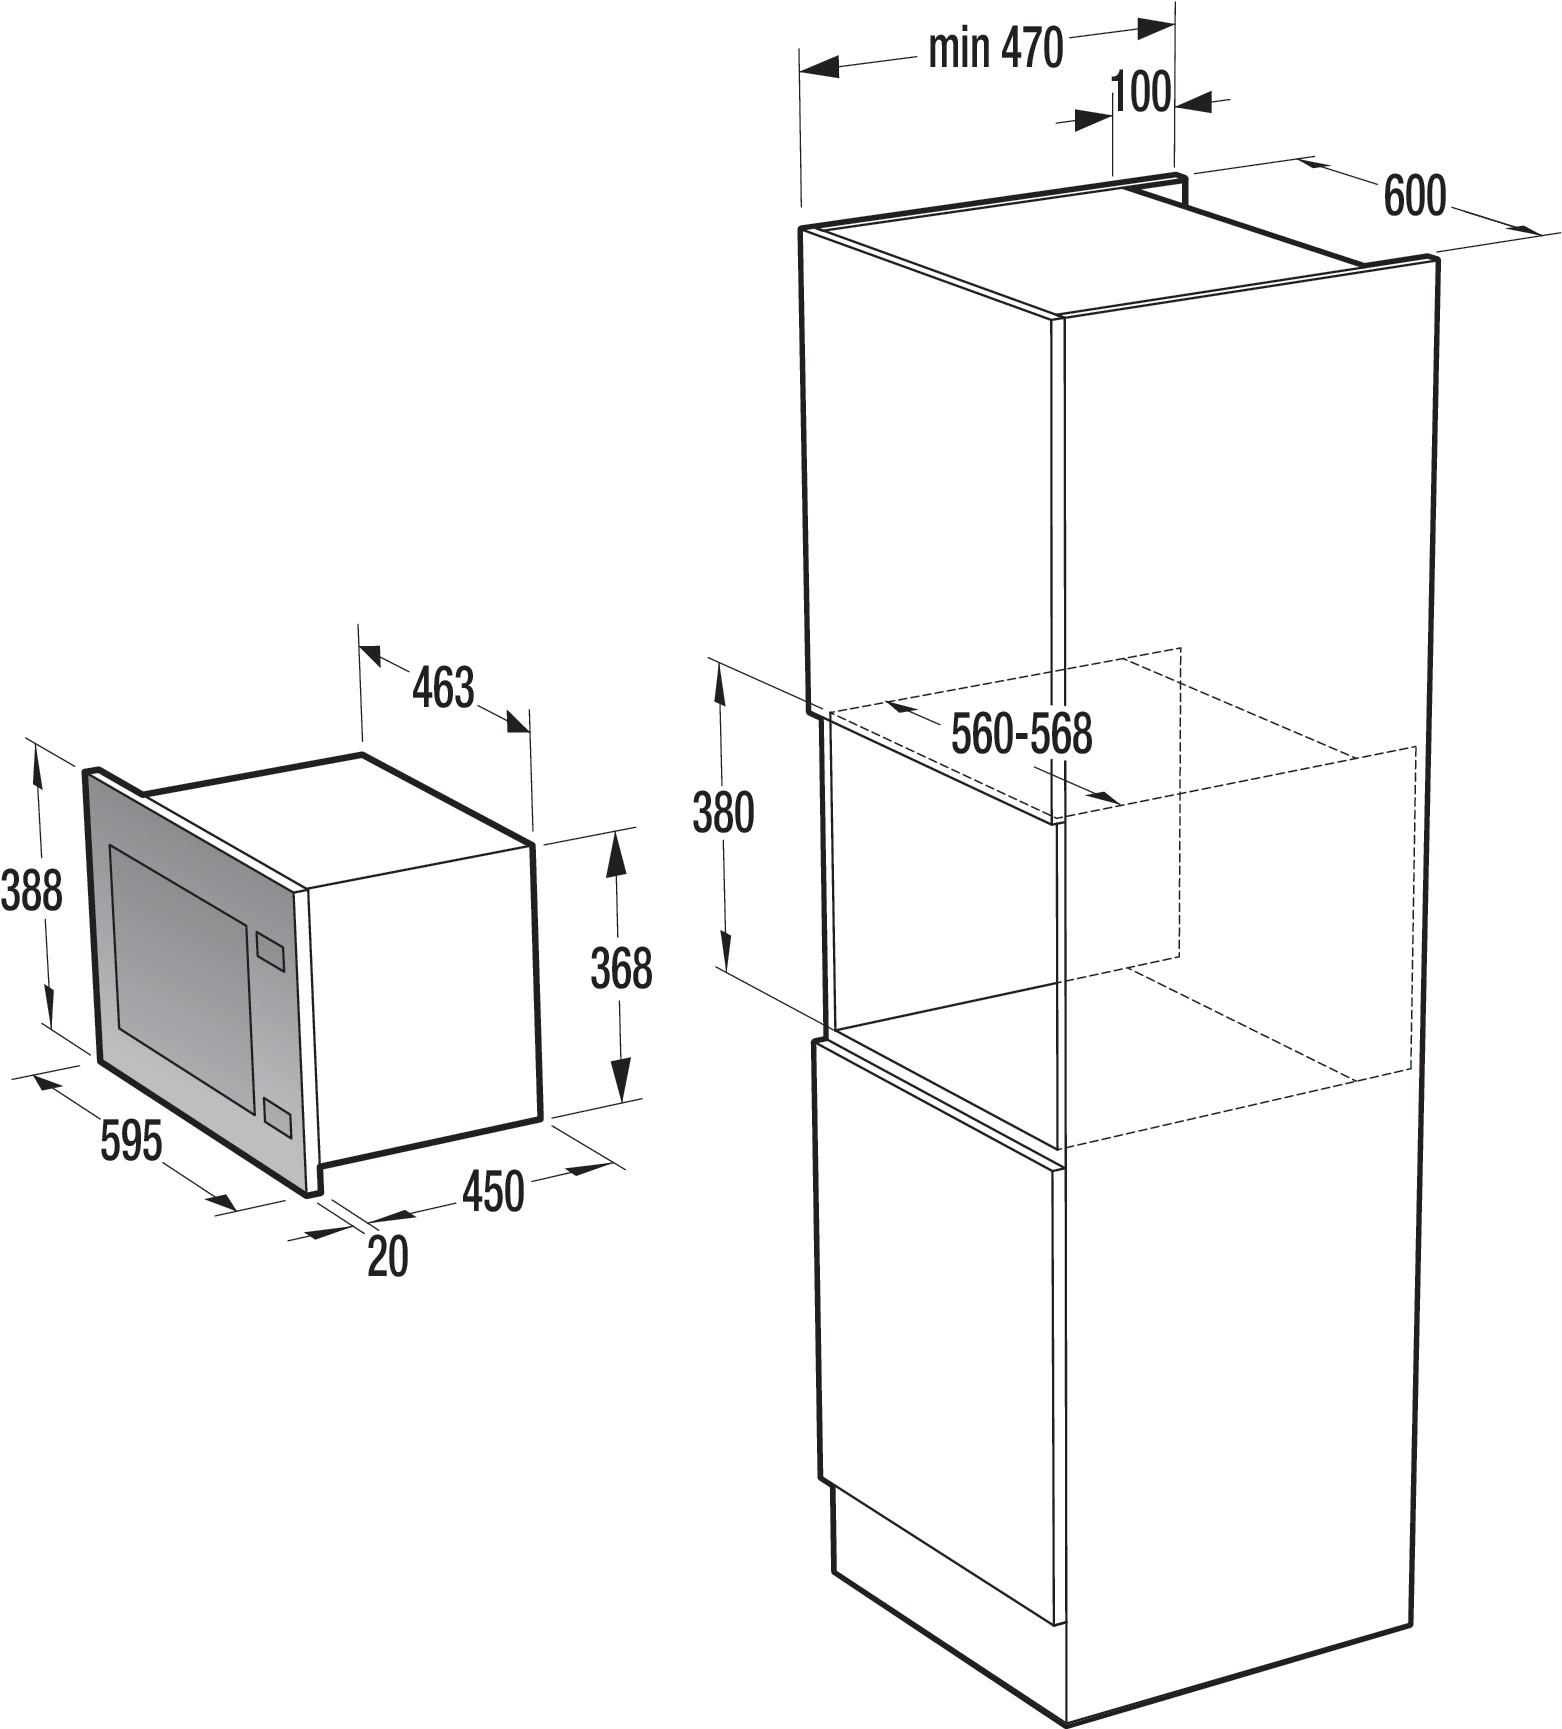 gorenje bm5240ax схема встройки